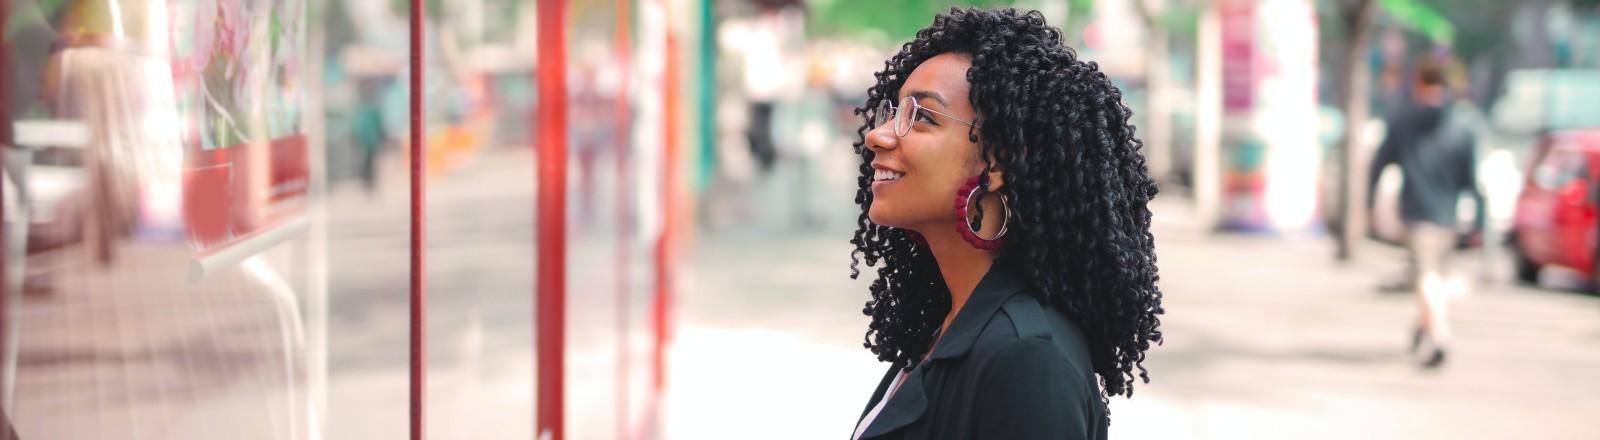 Eine Frau schaut grinsend in ein Schaufenster